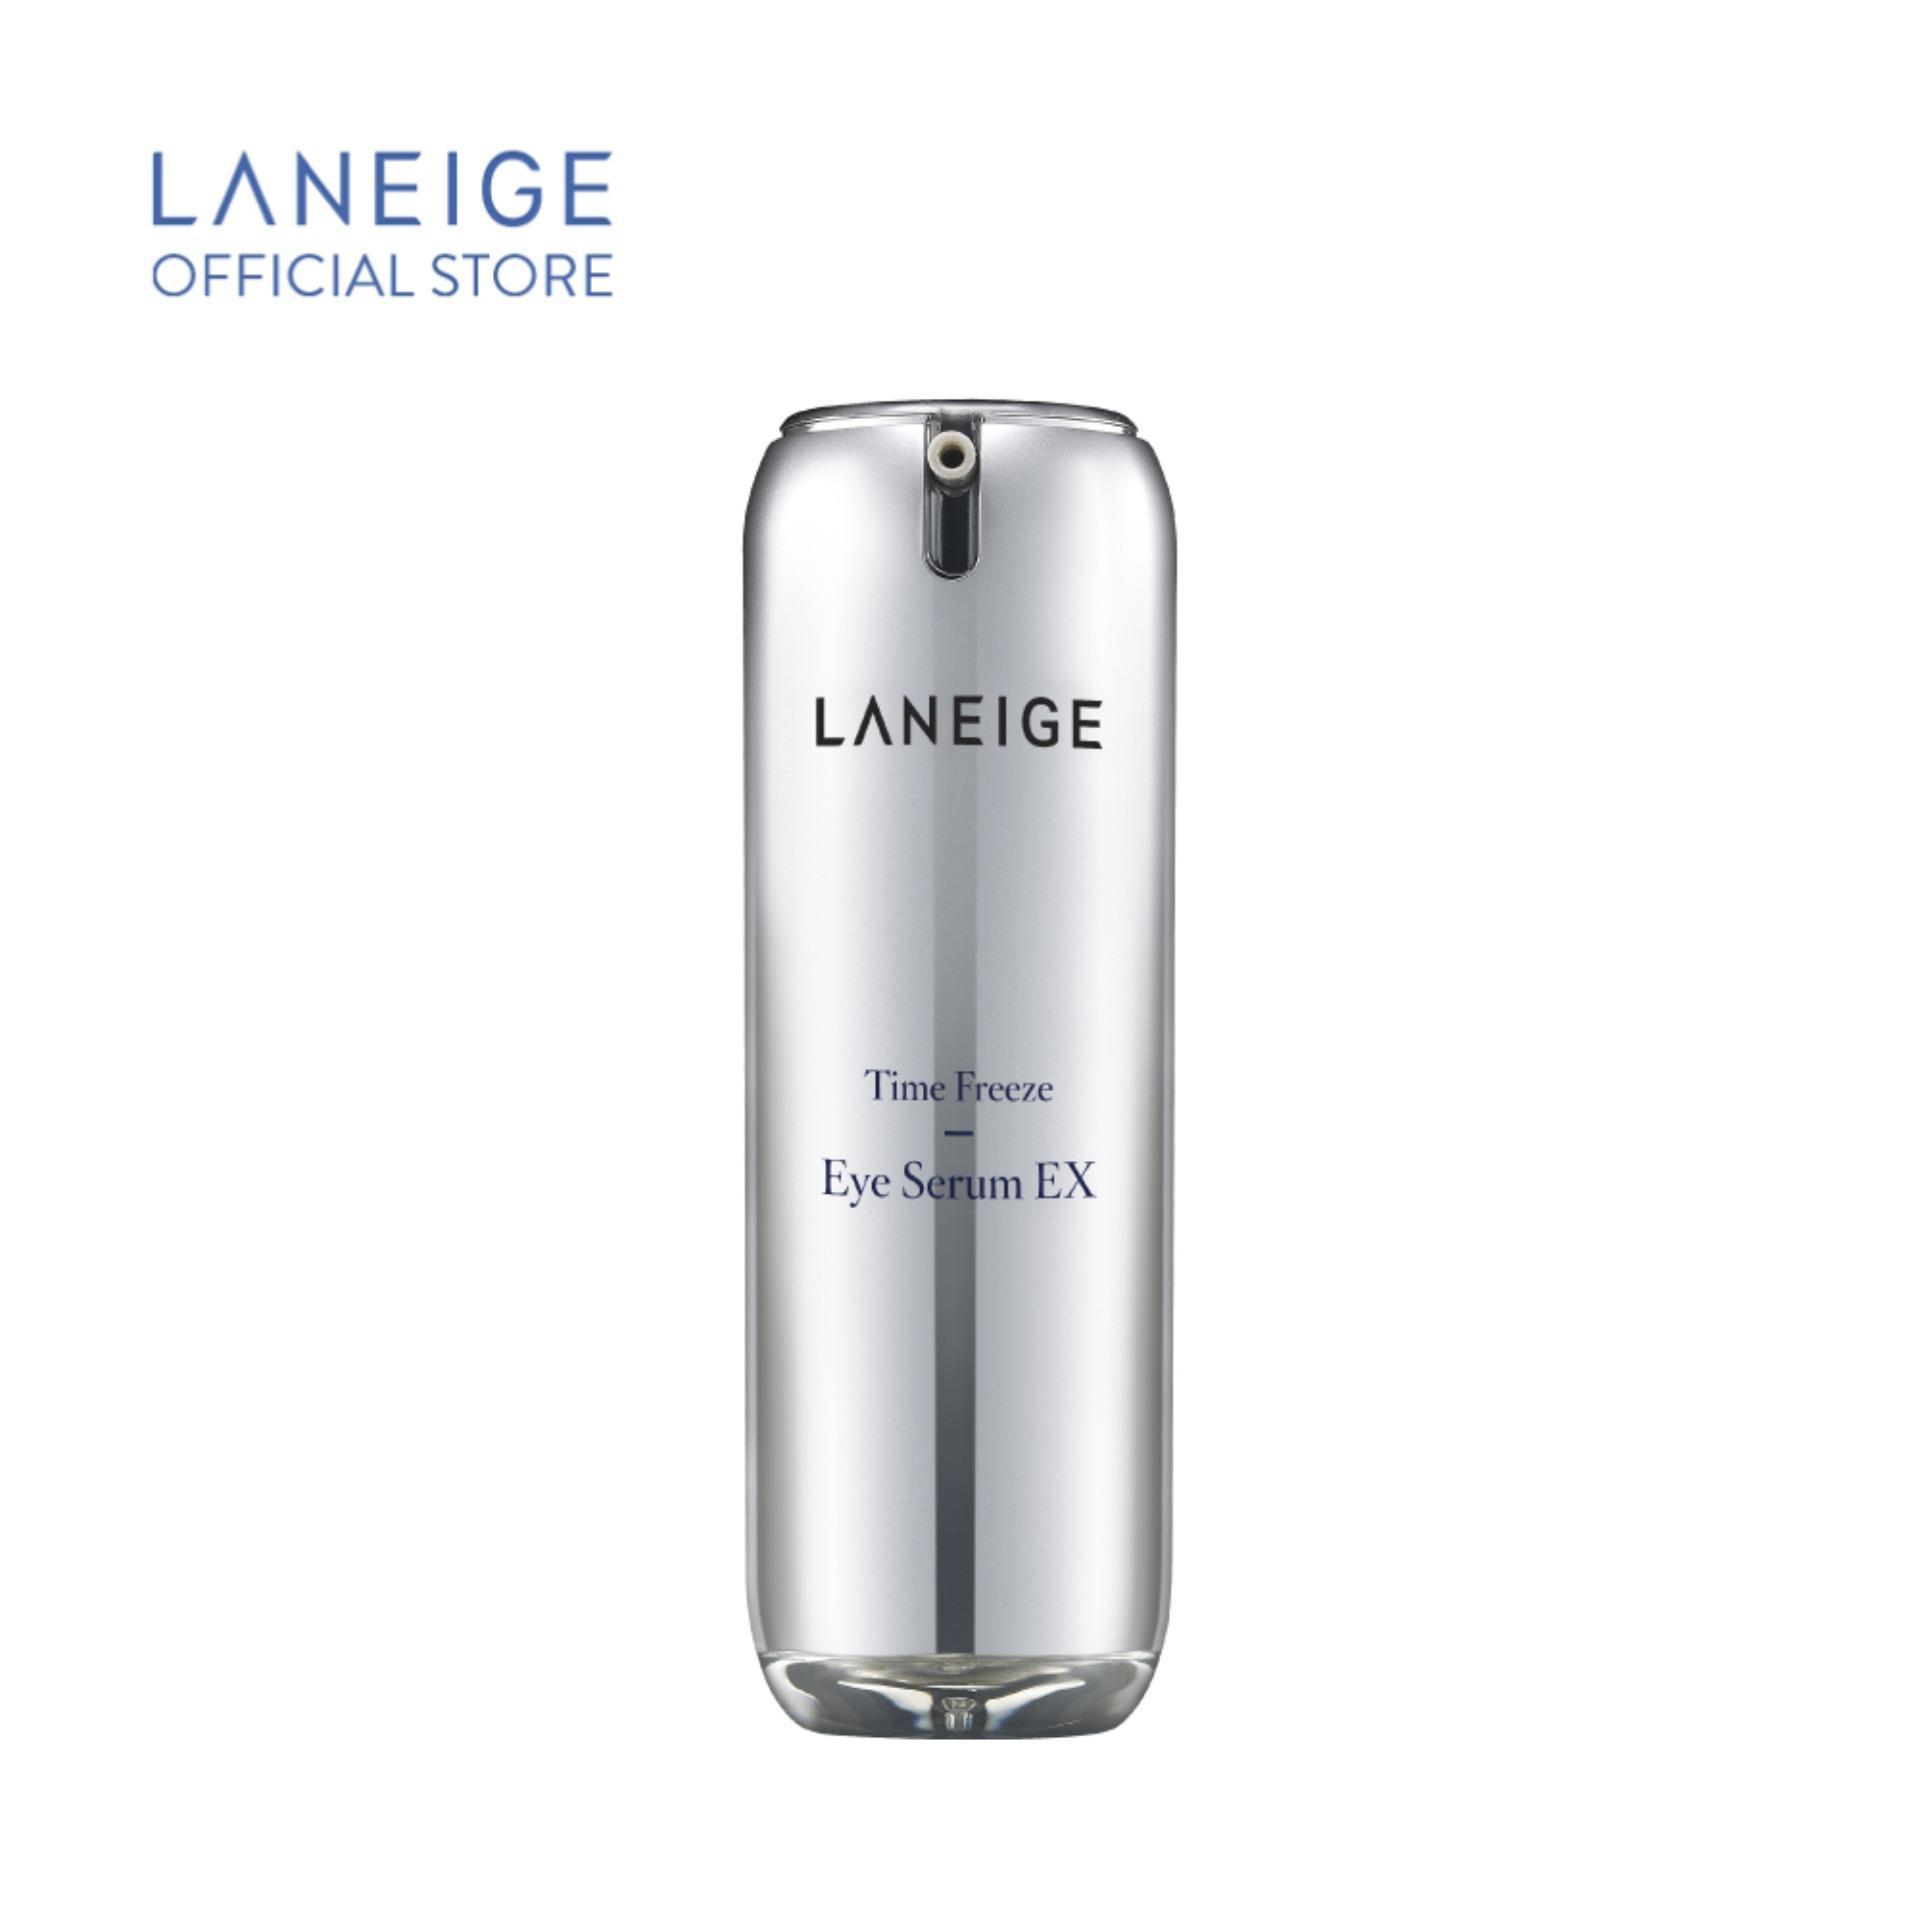 Tinh chất dưỡng da vùng mắt giúp dưỡng hiệu quả và ngăn ngừa lão hóa vùng da quanh mắt Laneige Time Freeze Eye Serum EX 20ml